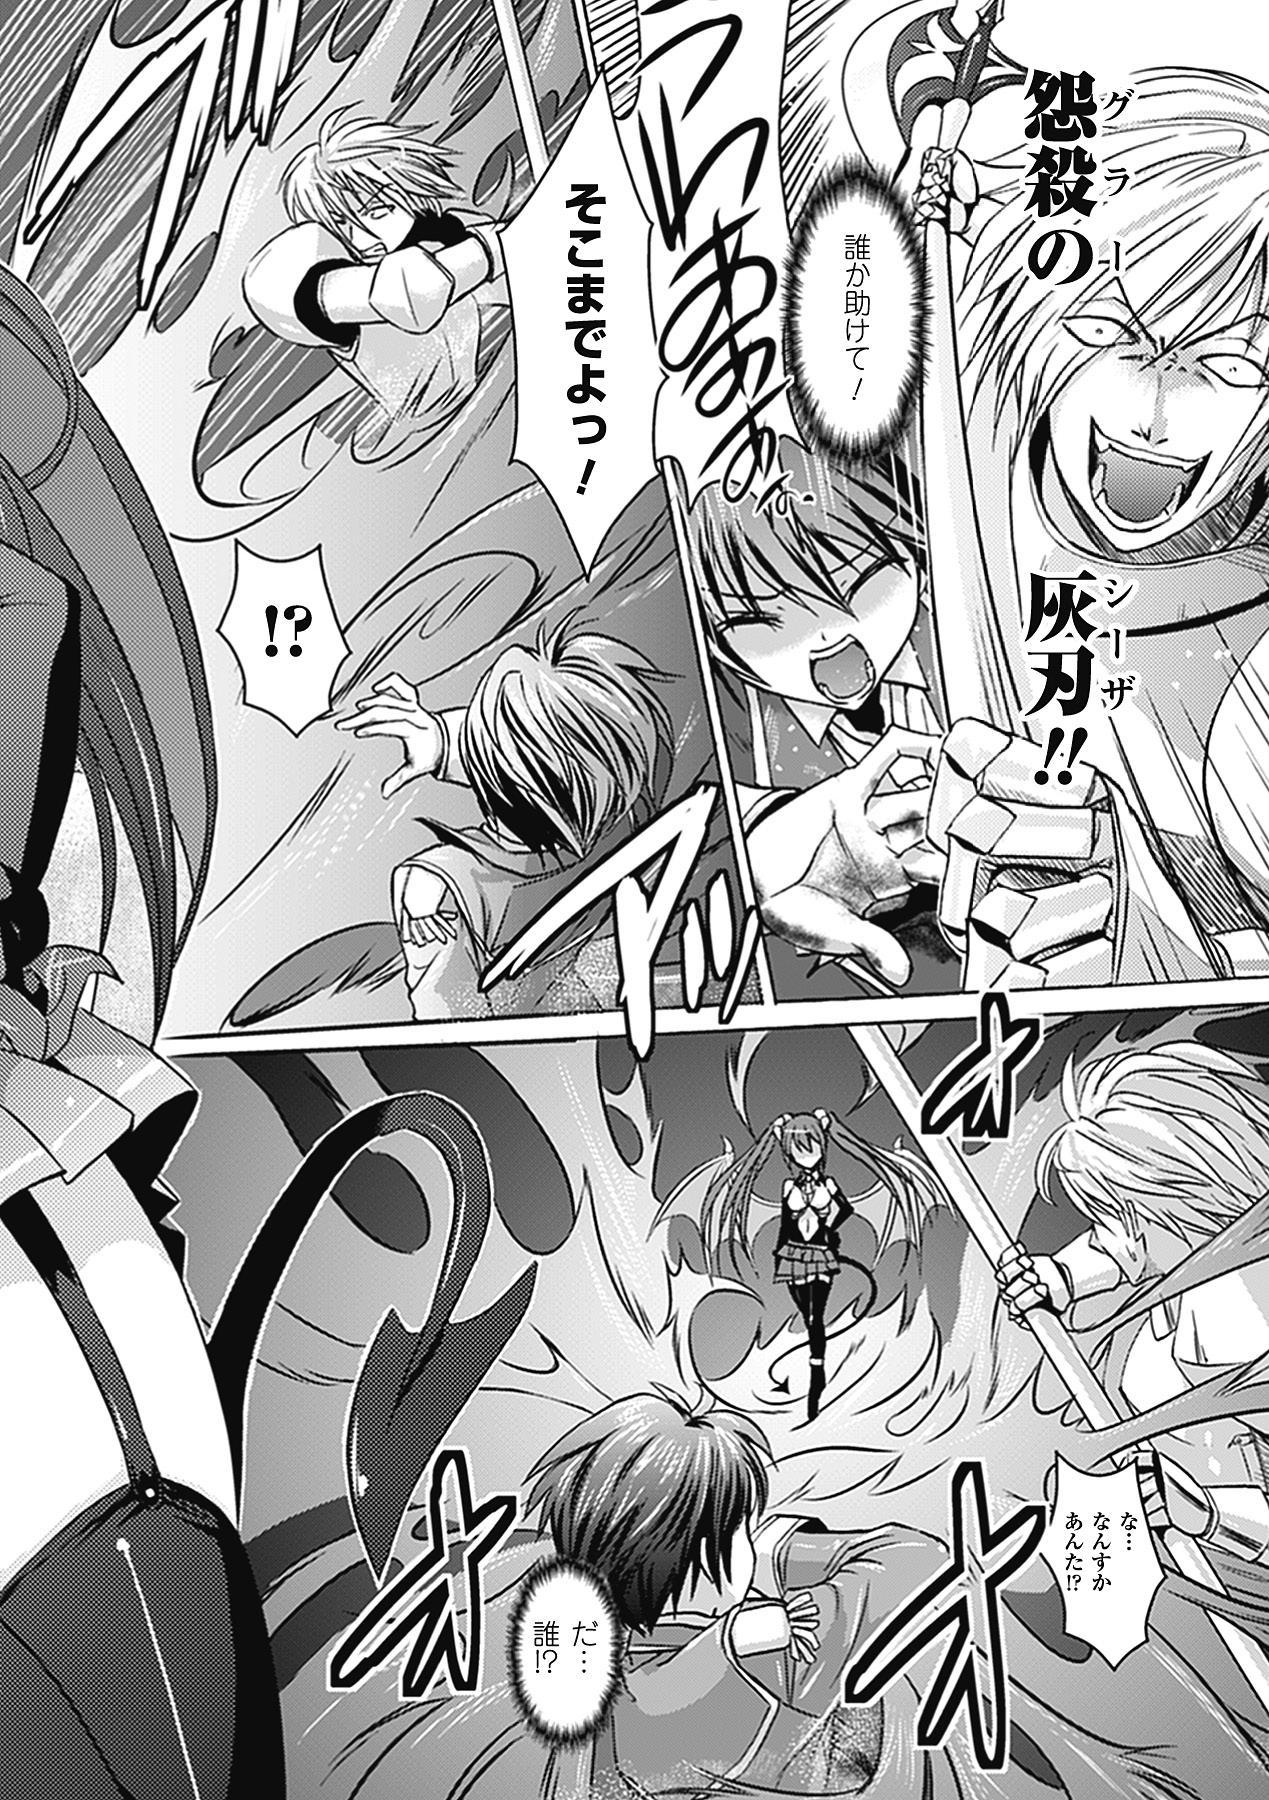 [Tokimaru Yoshihisa]Shakkou no Anti-Genesis Ch. 1-7 1